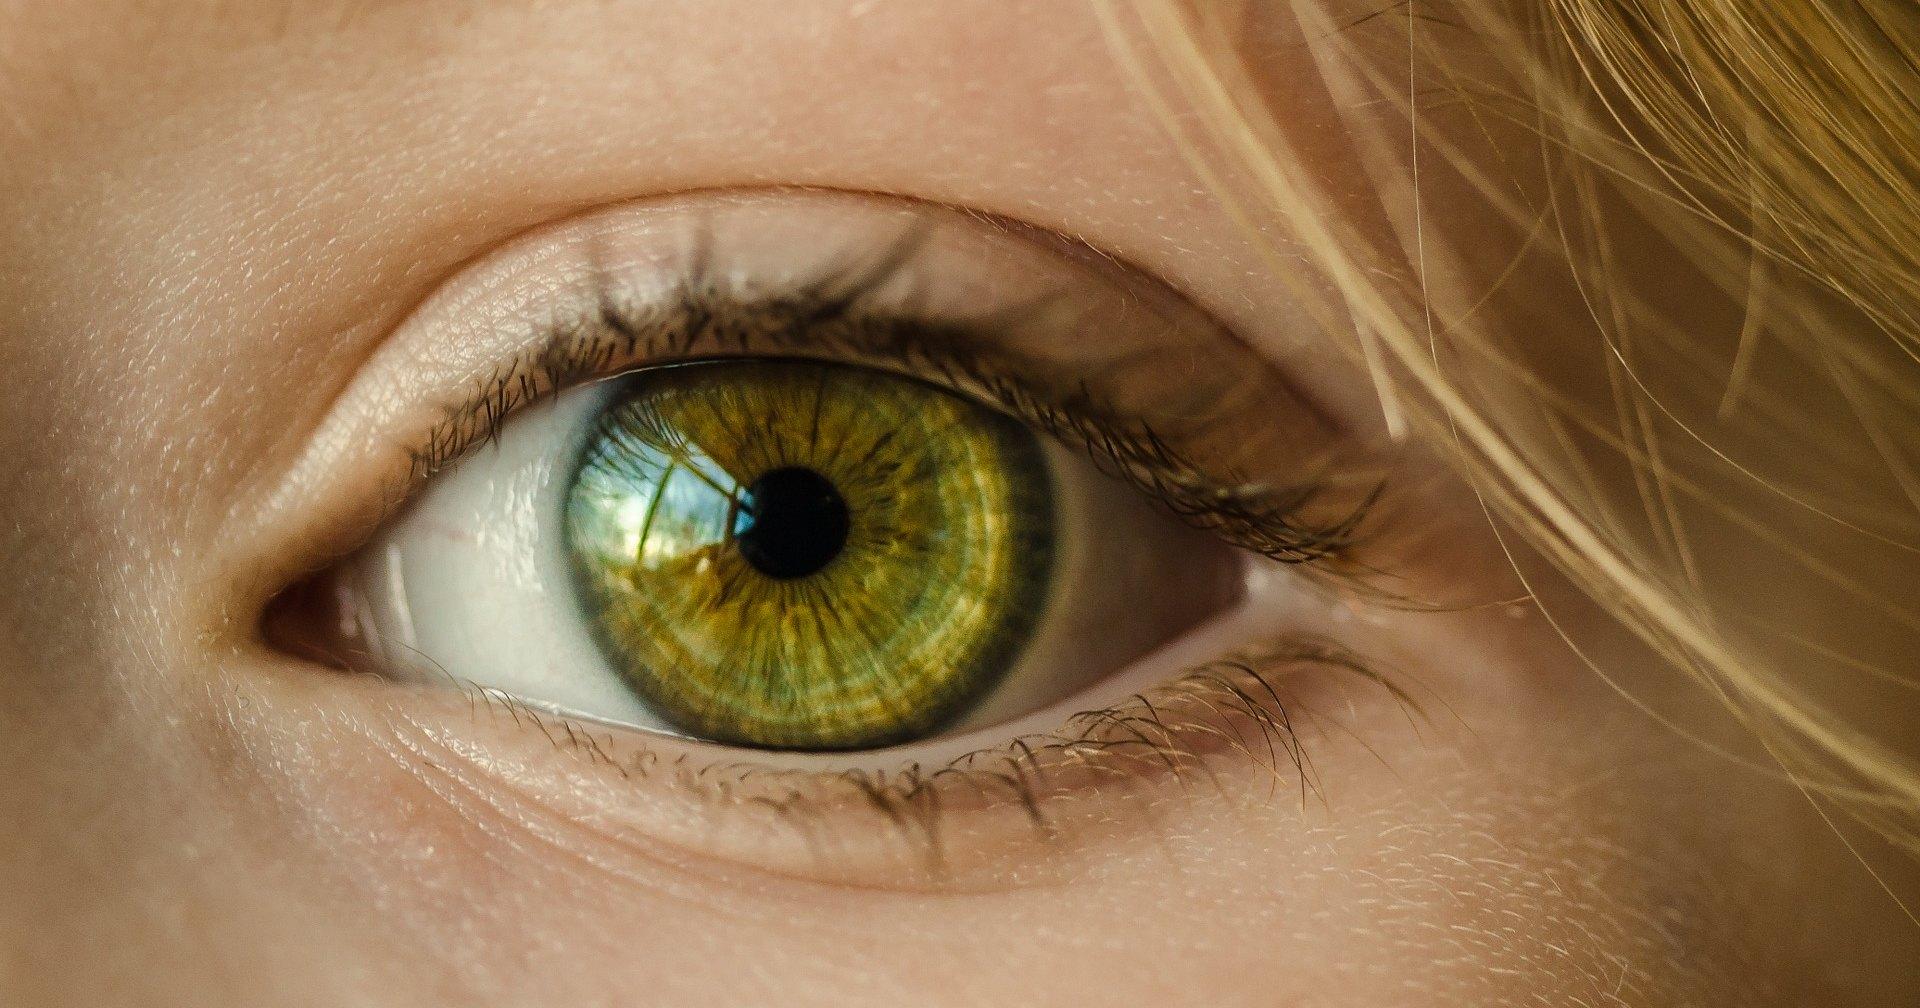 5 заболеваний, возникновение которых можно определить по глазам